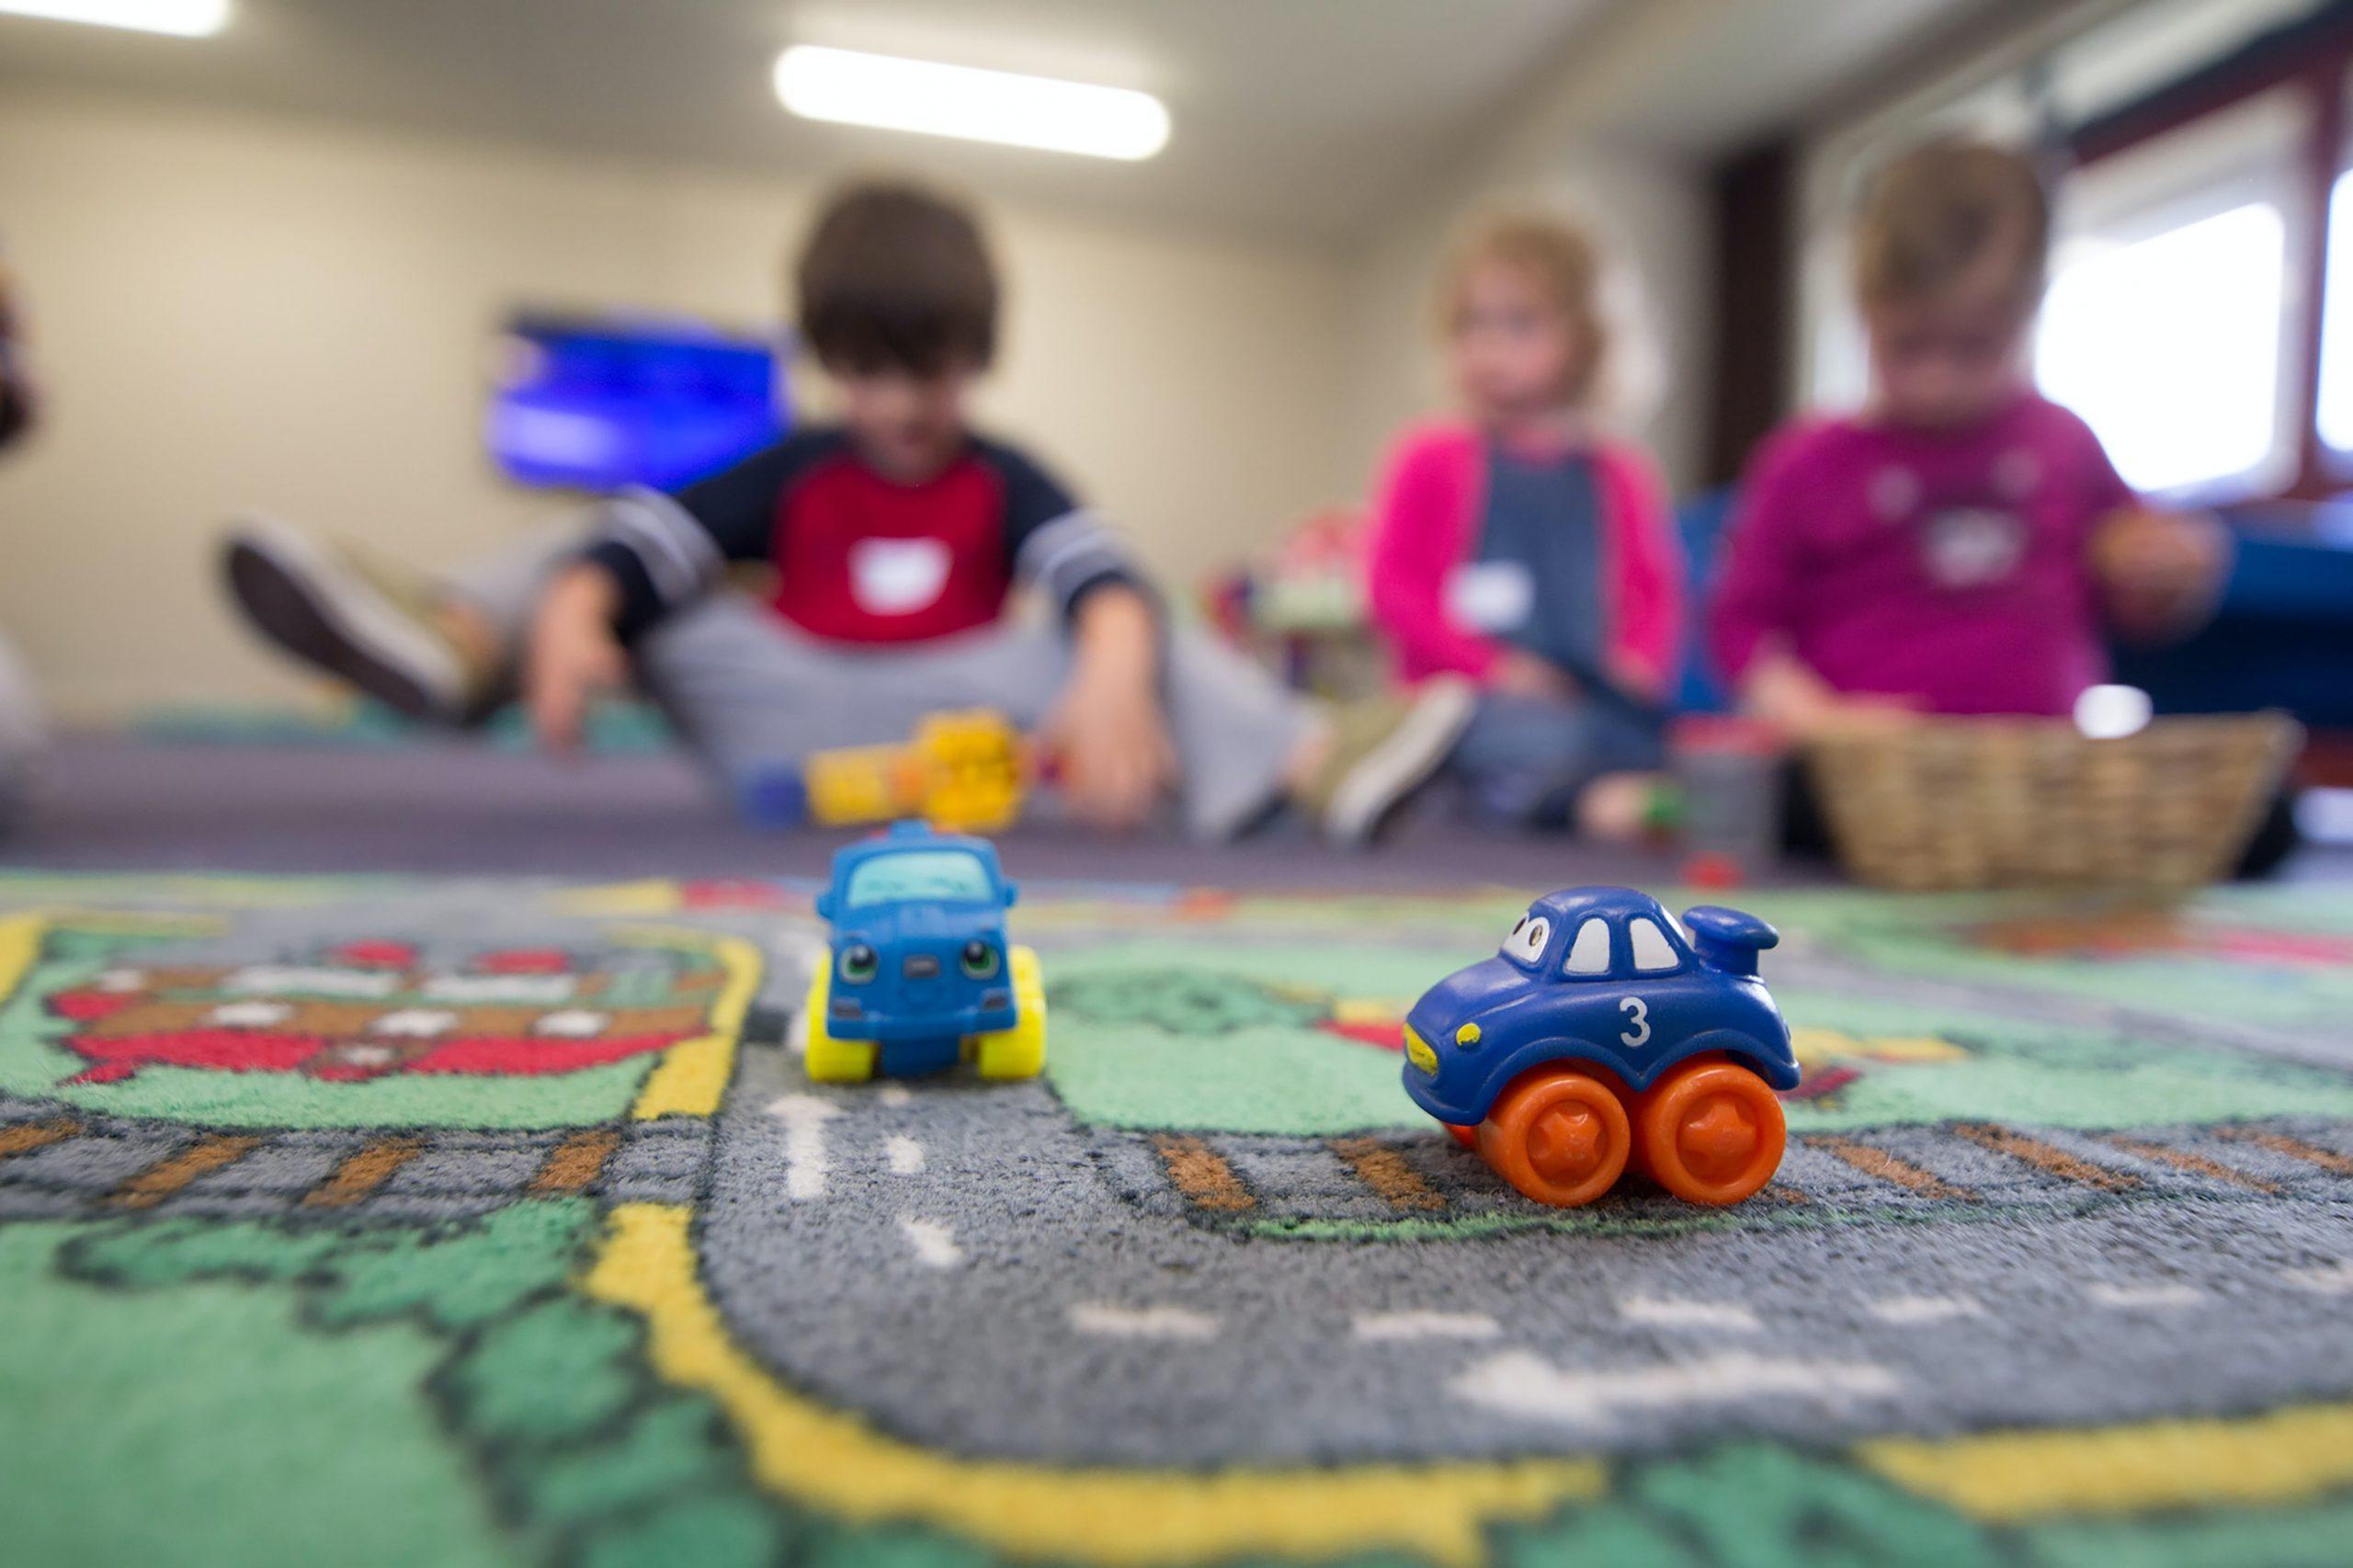 børn, børnehave (Foto: Unsplash)